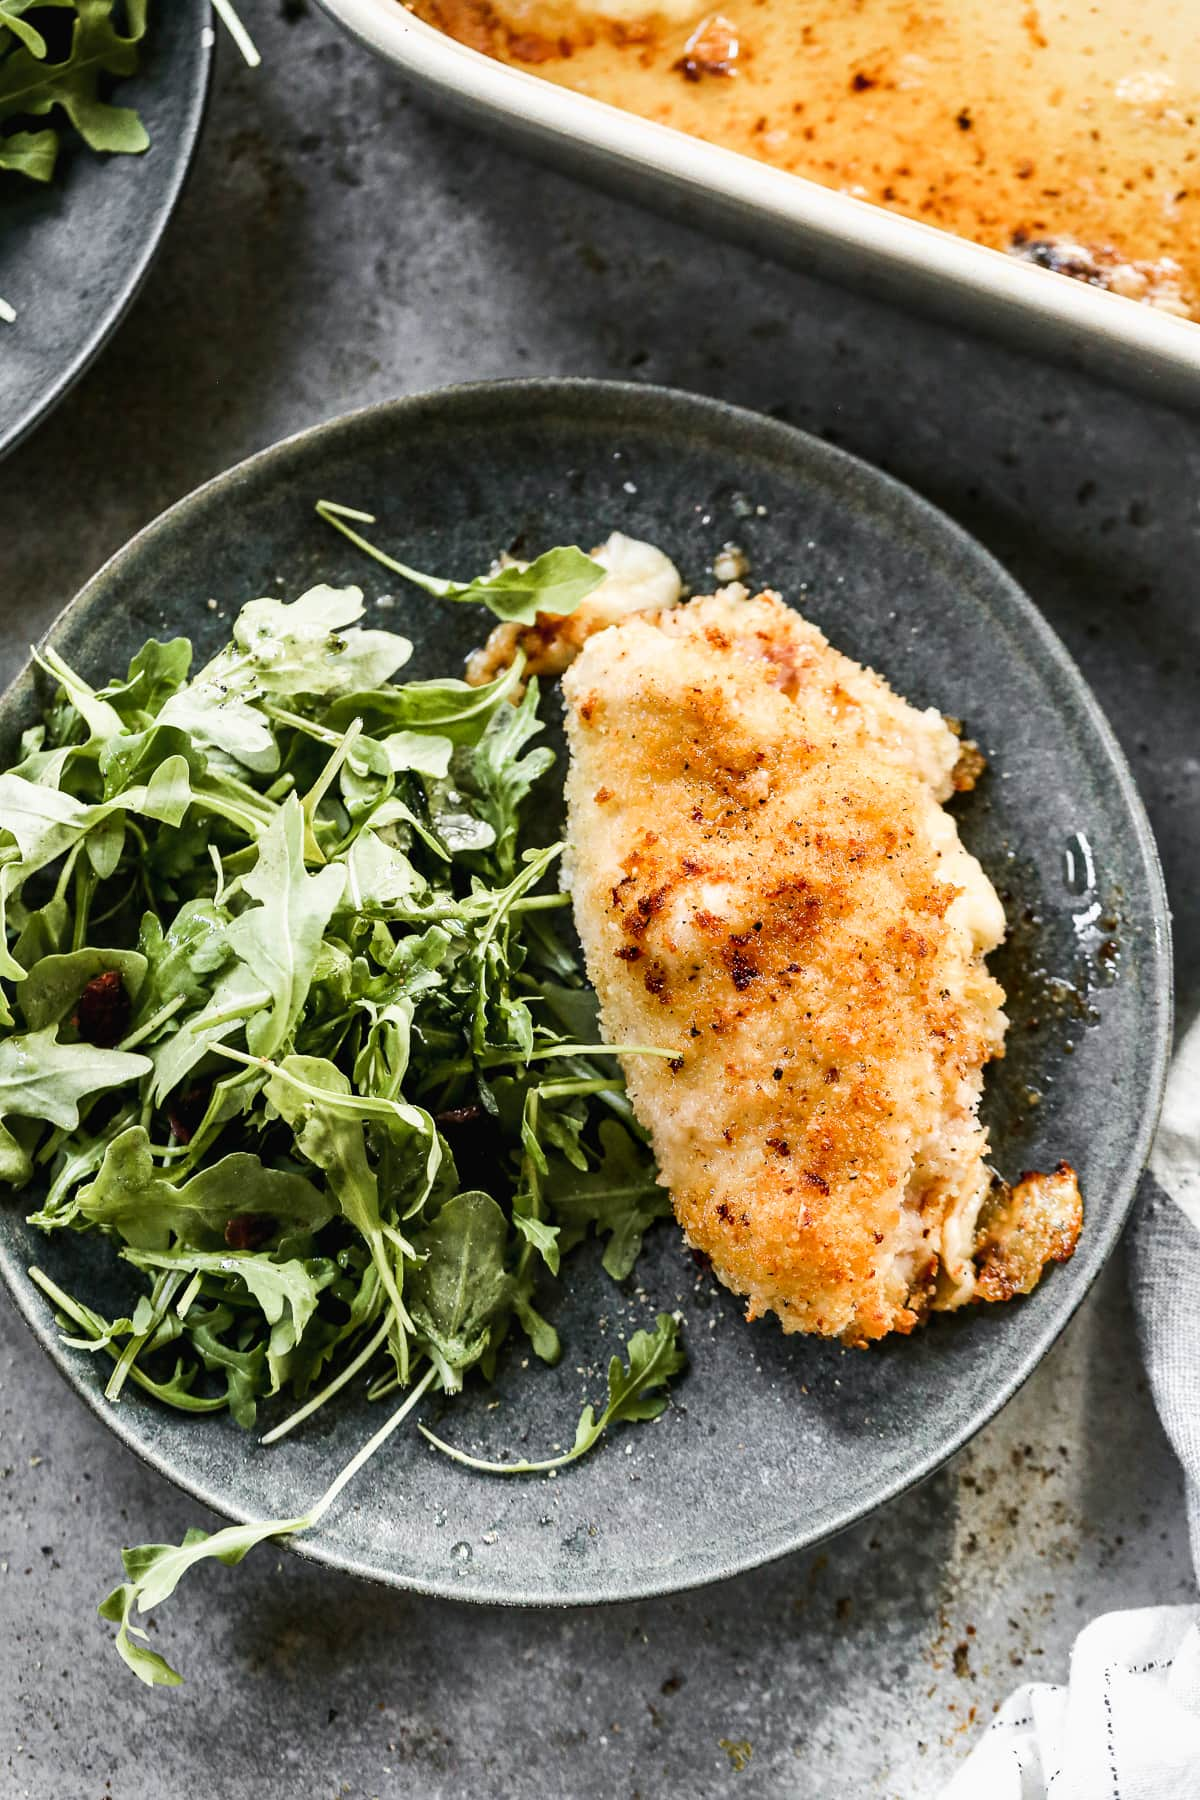 Oven baked chicken cordon bleu with arugula